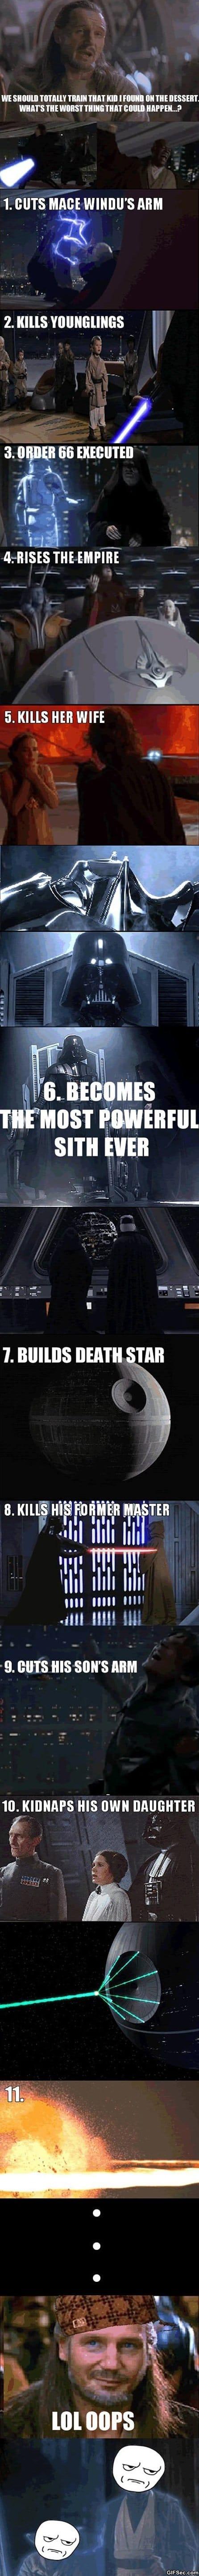 LOL - Darth Vader